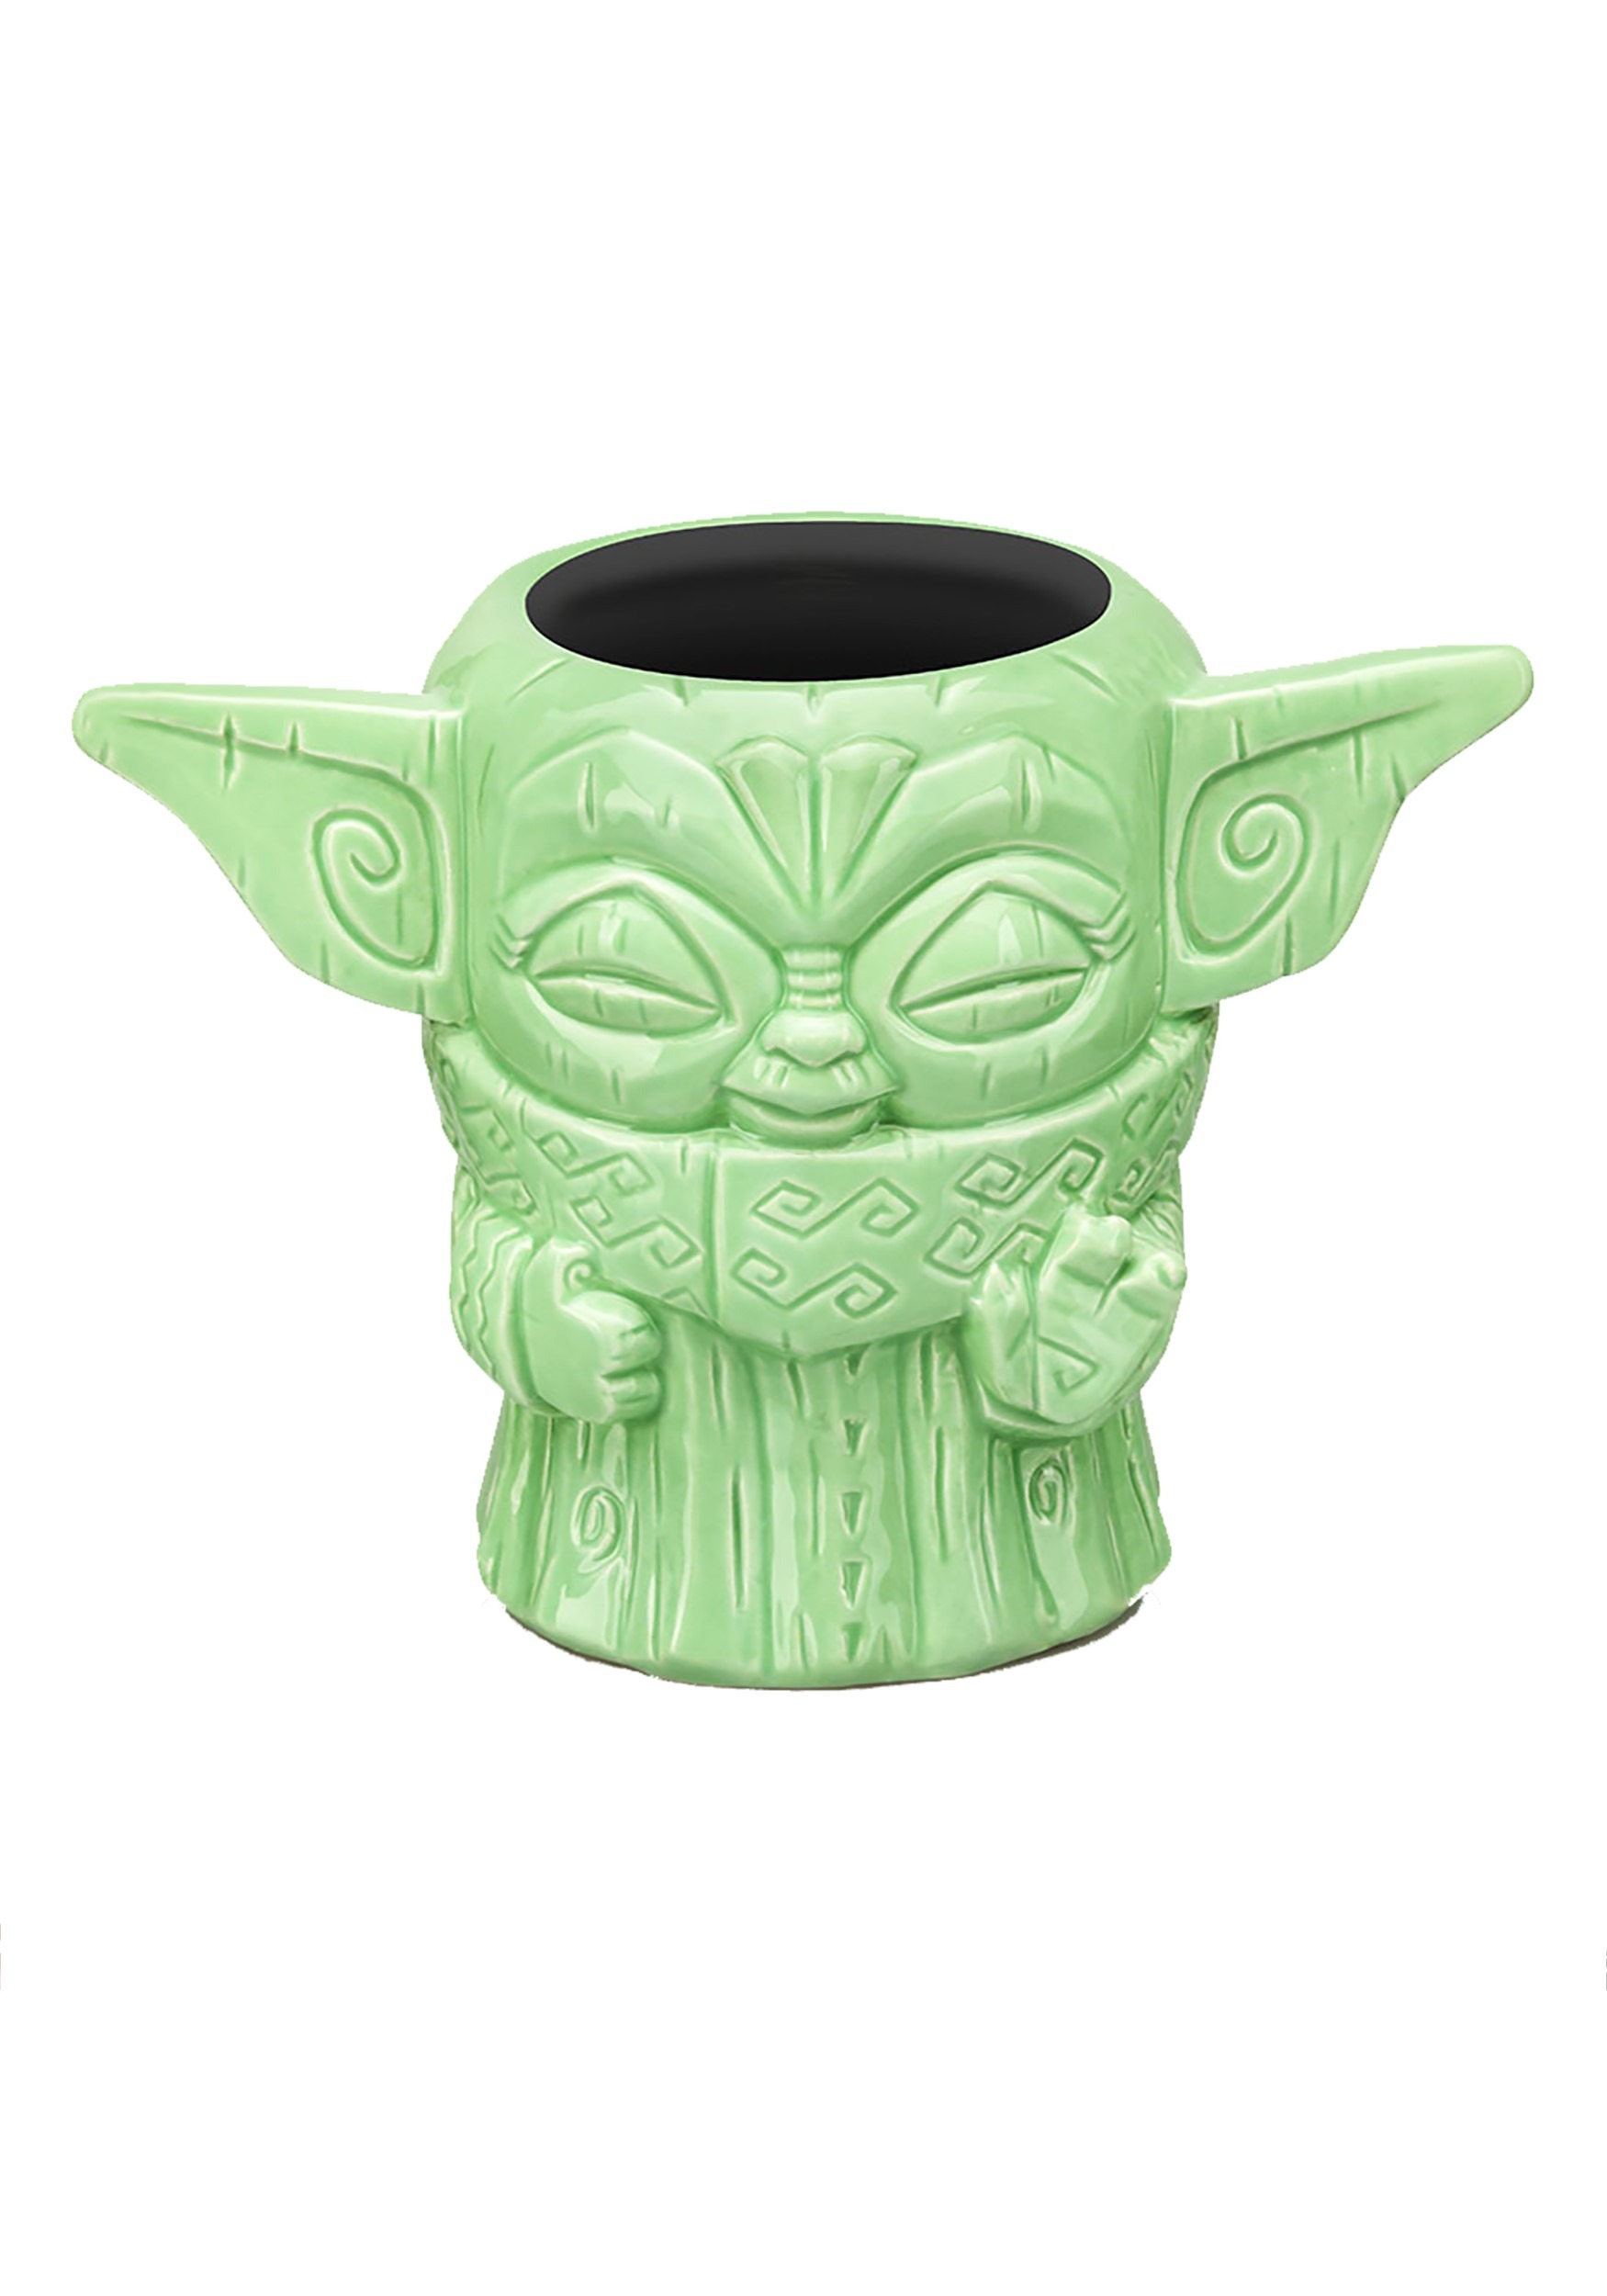 Geeki Tikis The Child Force Pose Mug